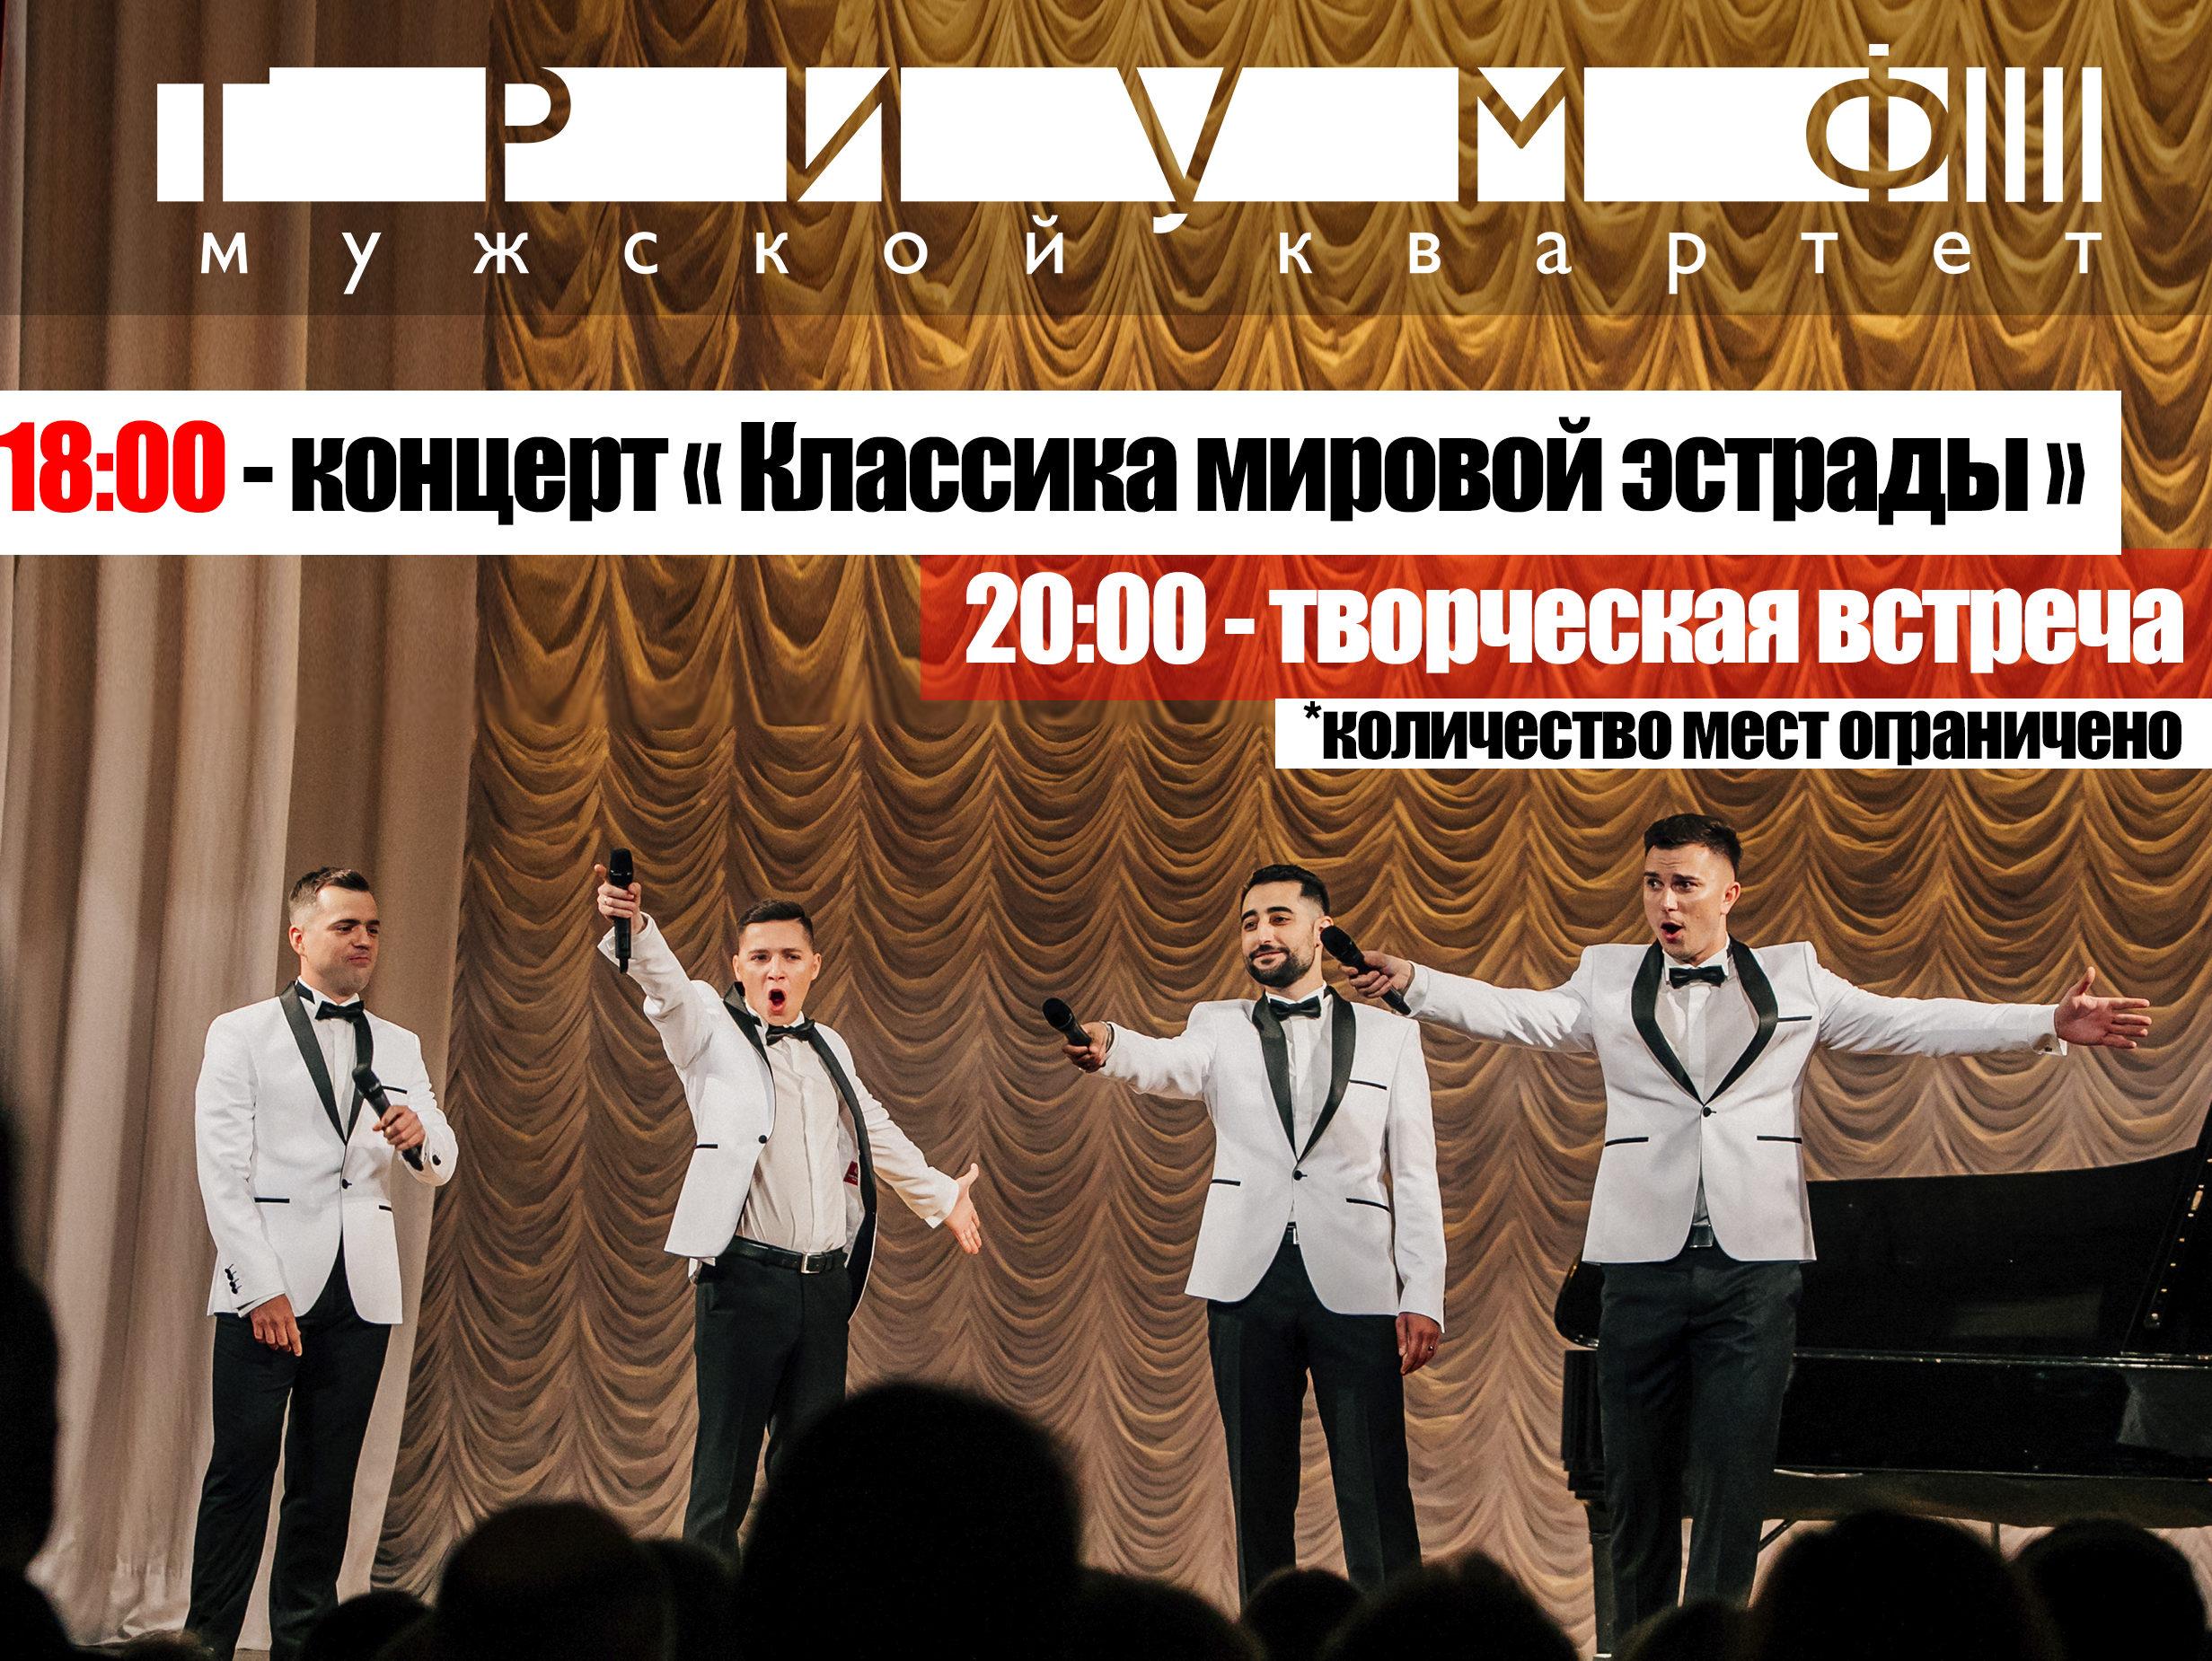 Состоится концерт мужского квартета «Триумф»